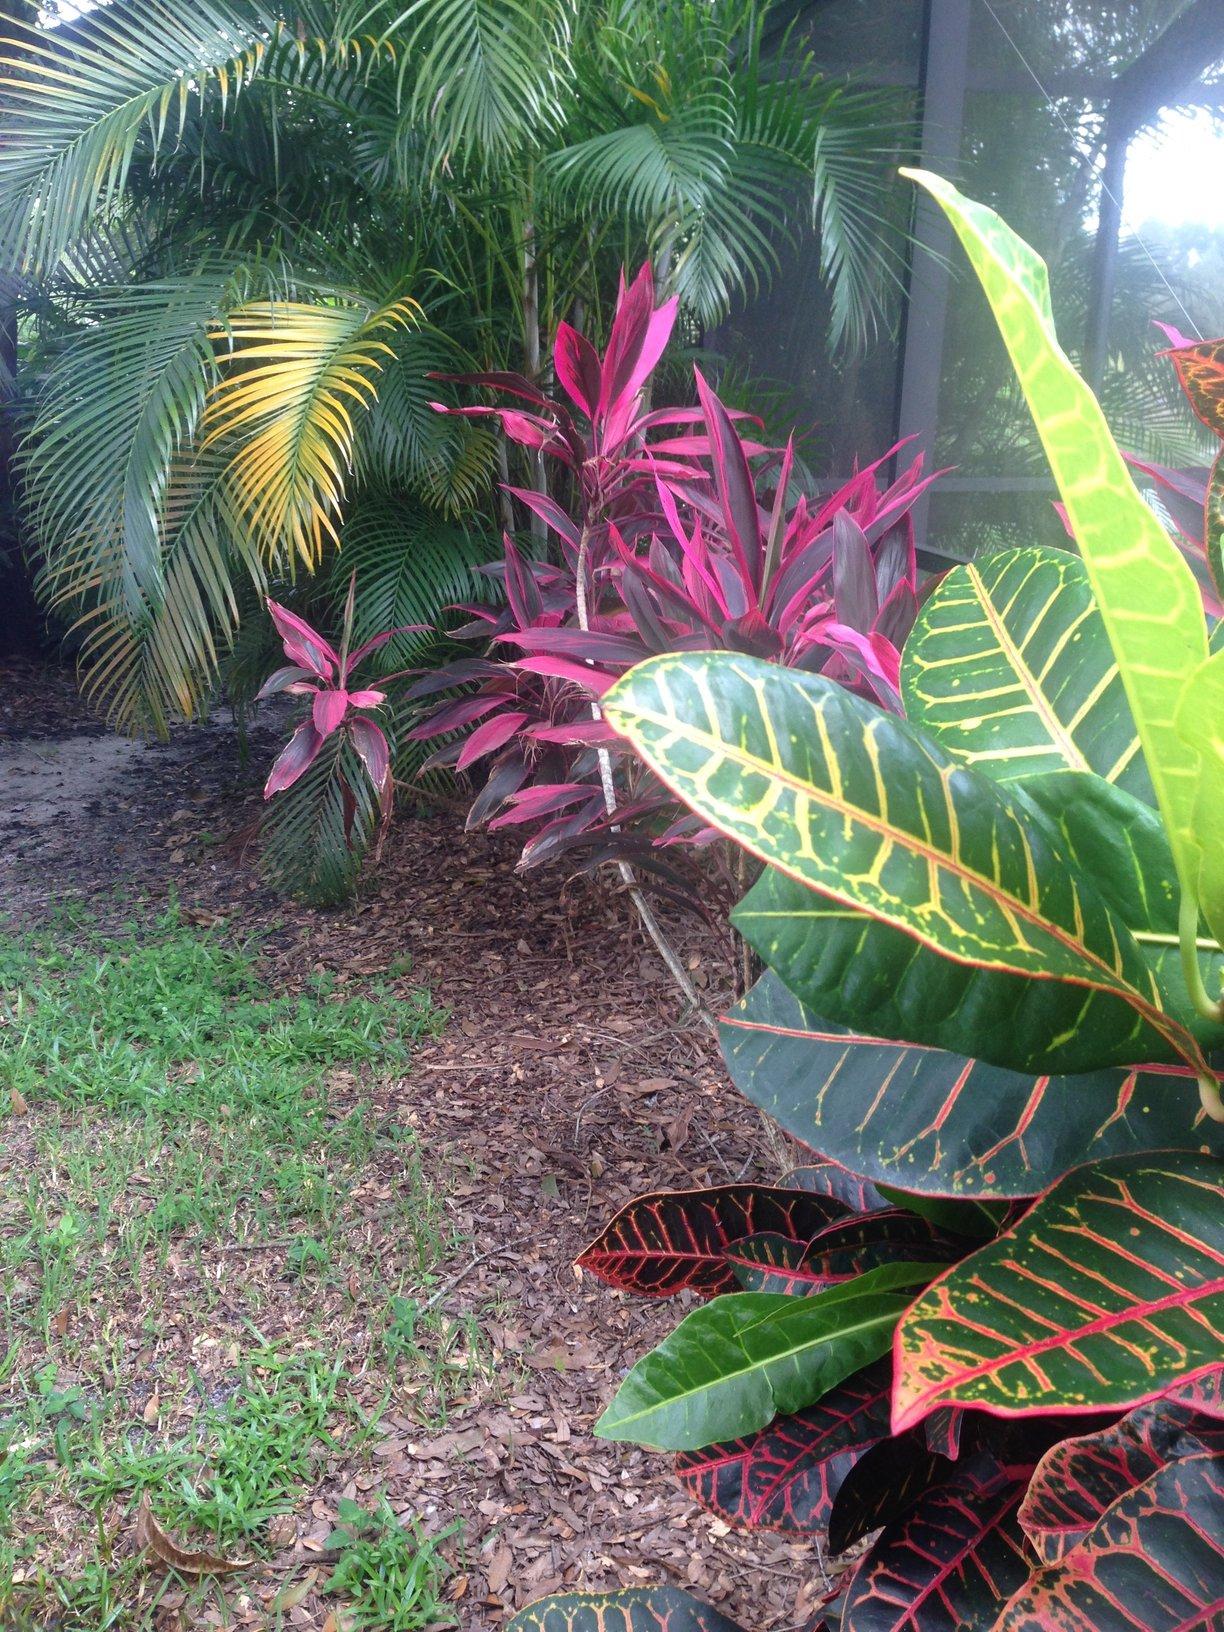 Lawn Care Service in Tampa, FL, 33613